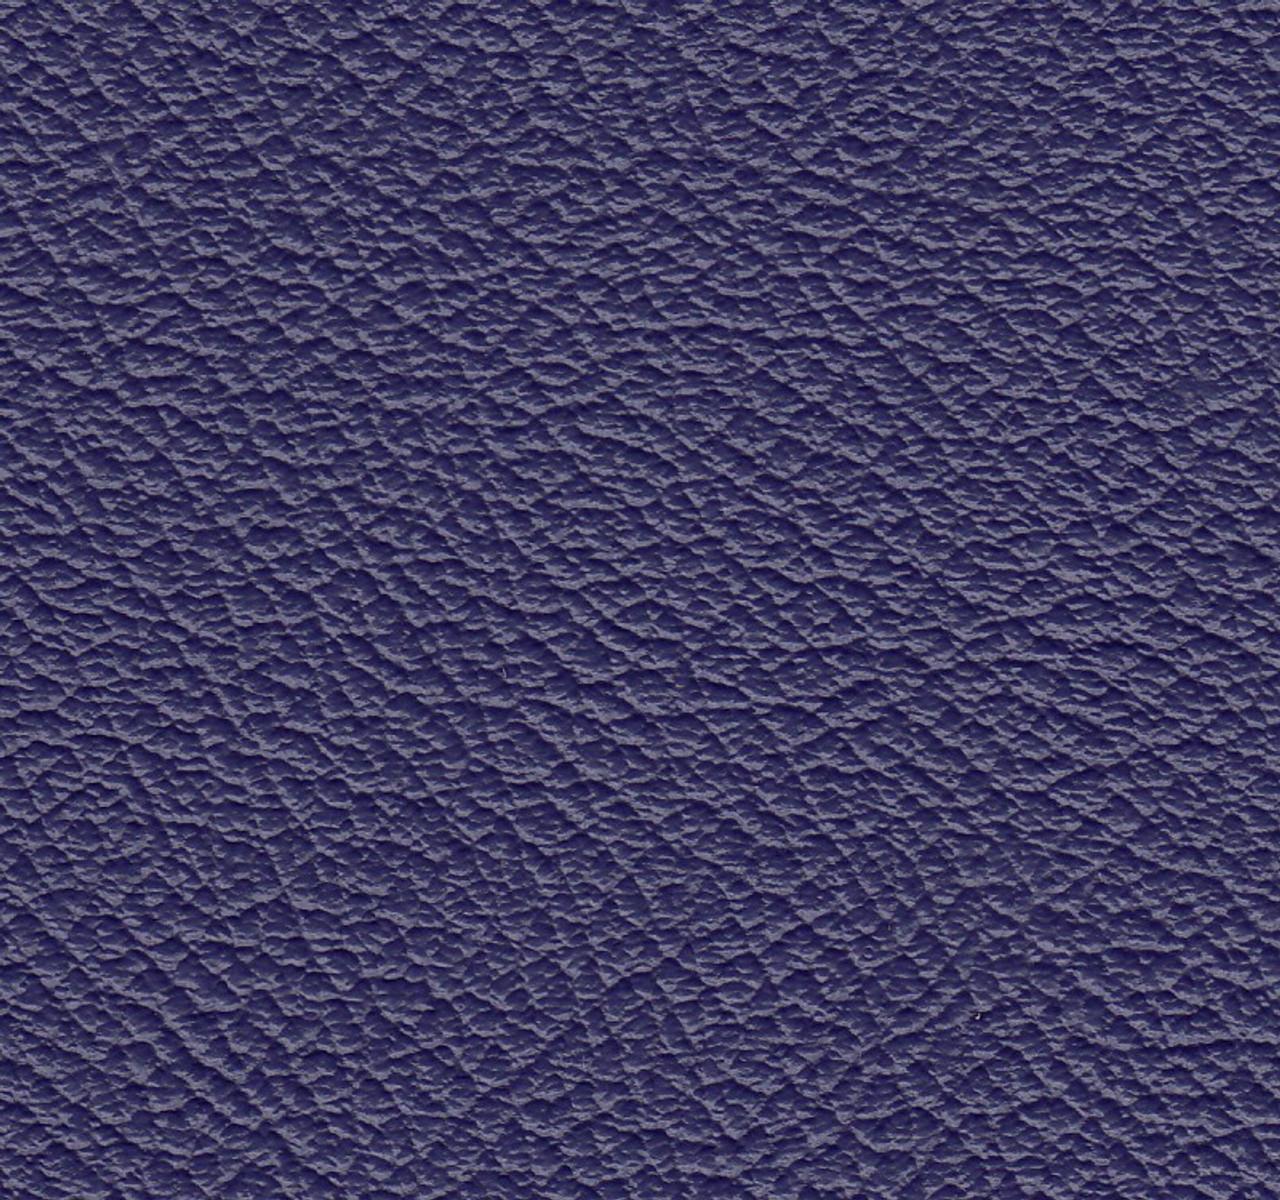 Tolex - Levant/Bronco Purple